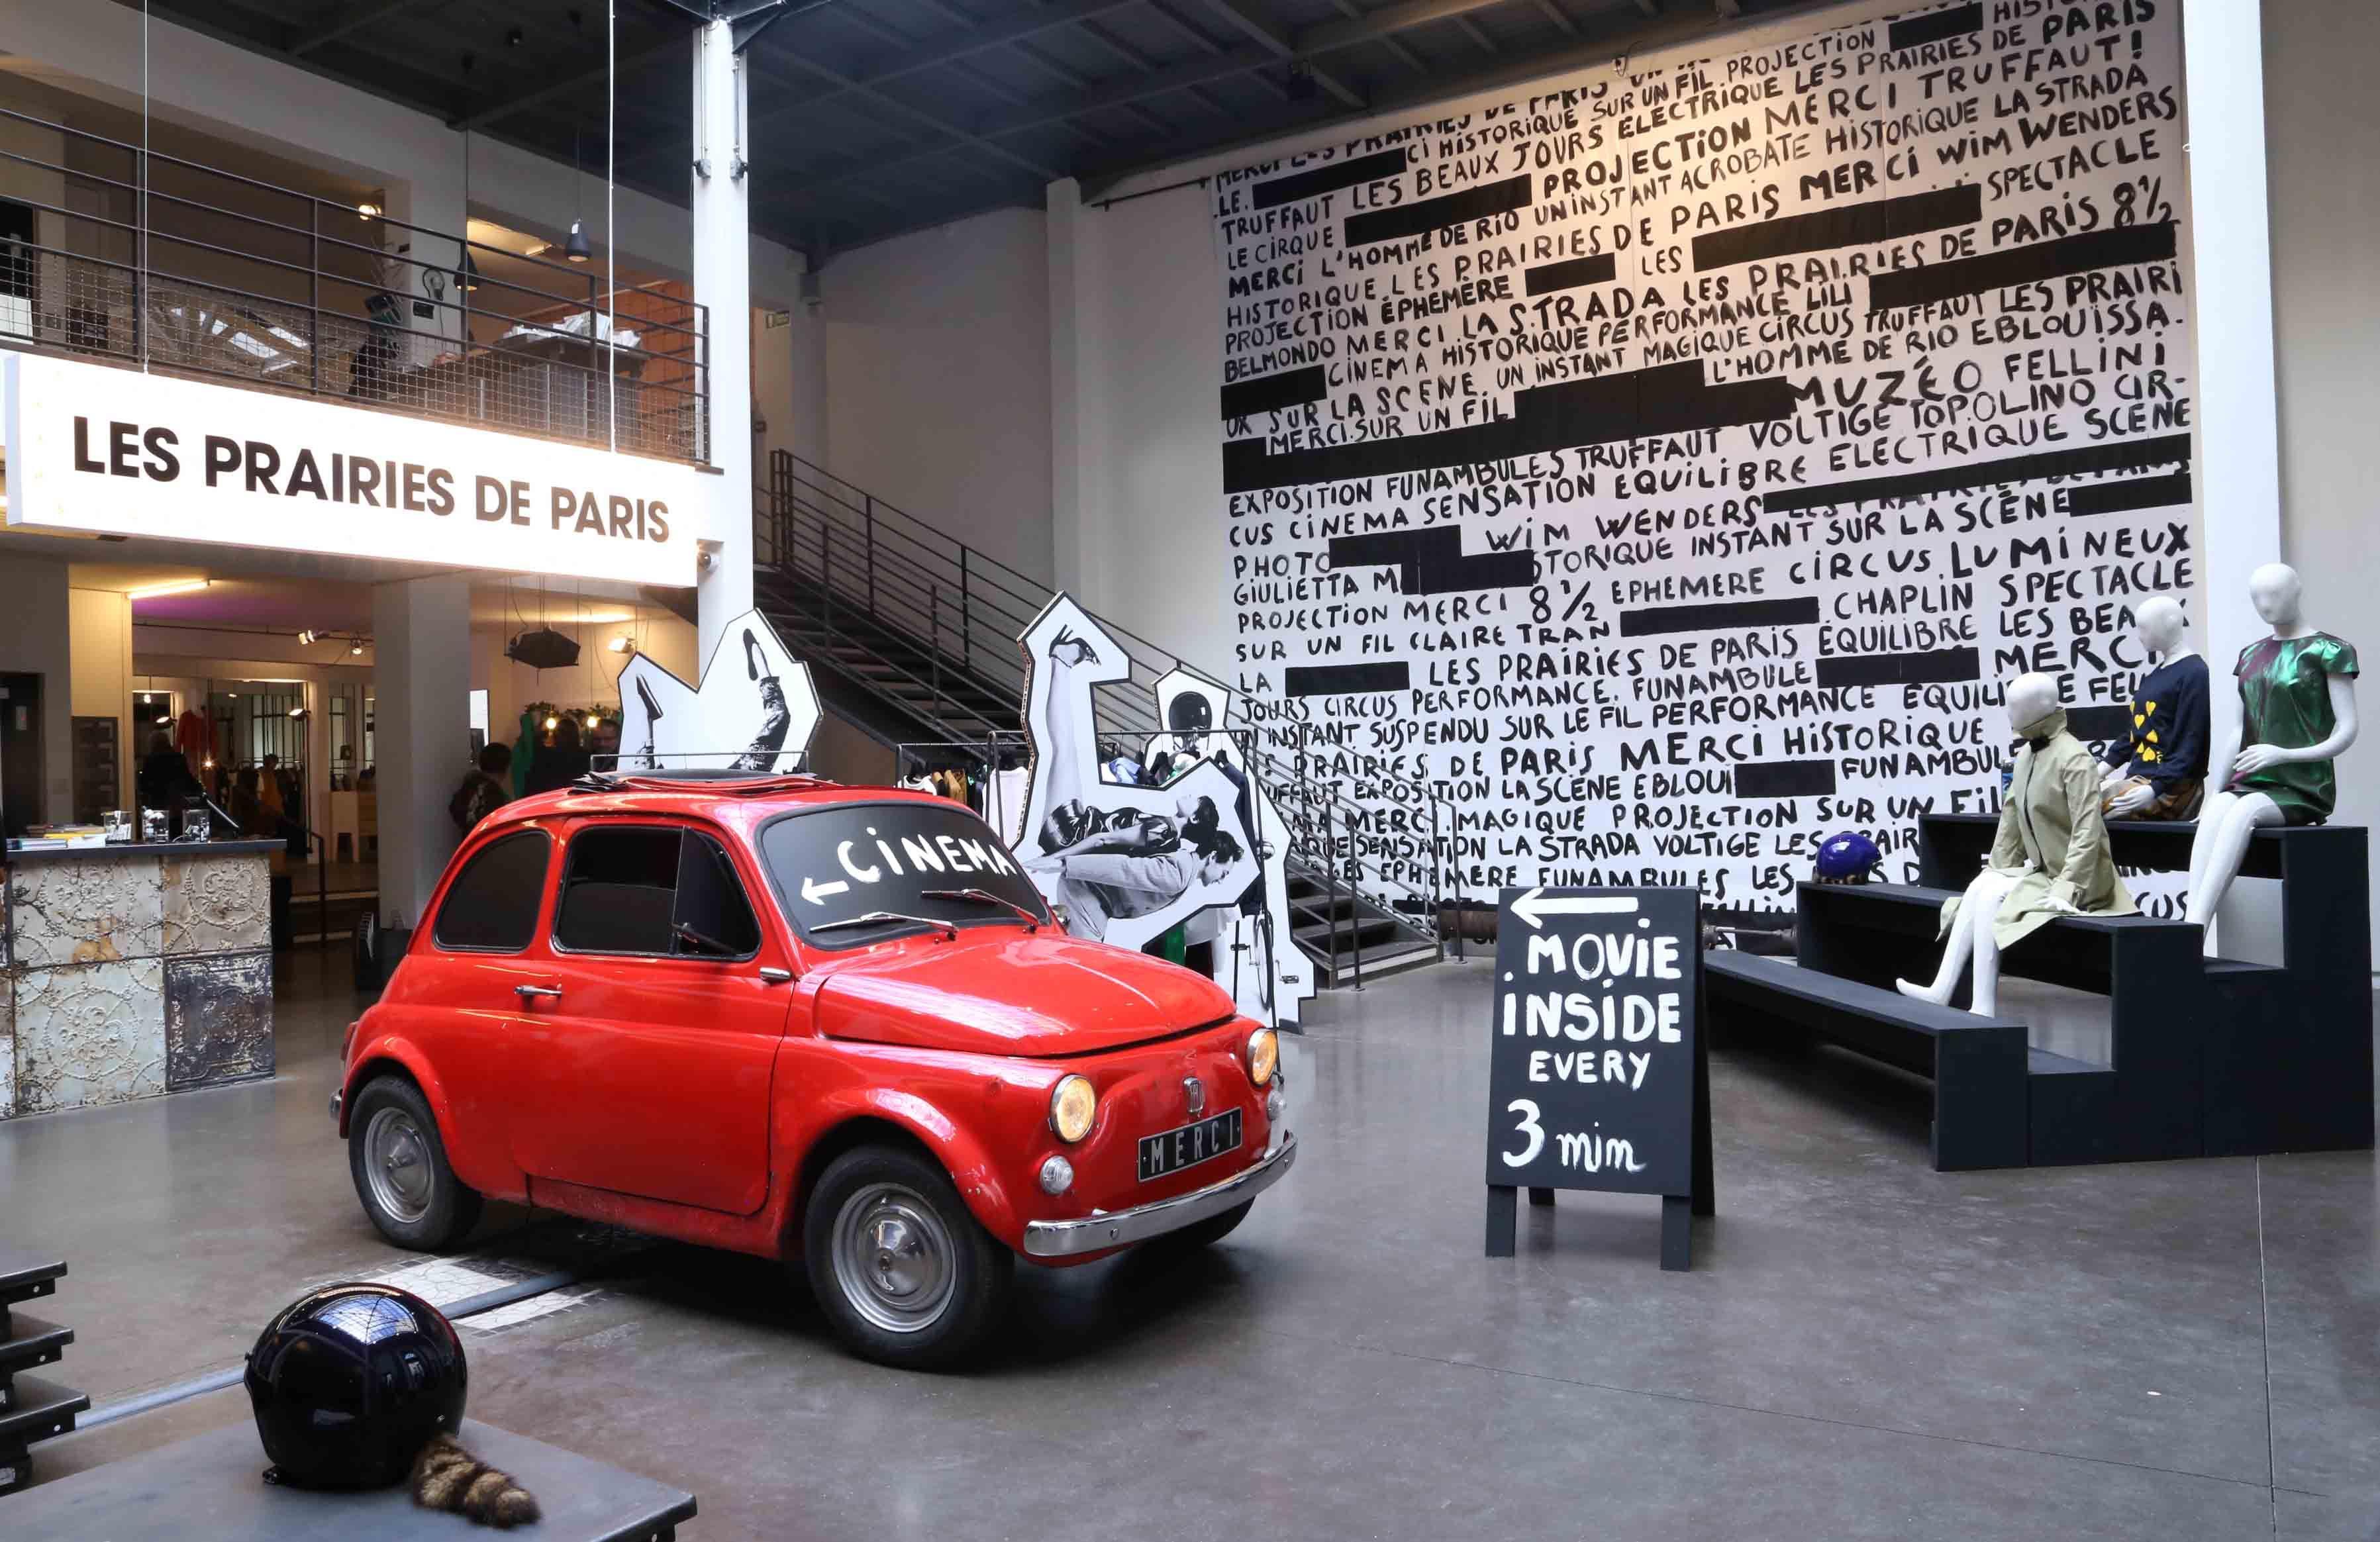 Les Prairies De Paris Merci Paris Paris Impression Poster